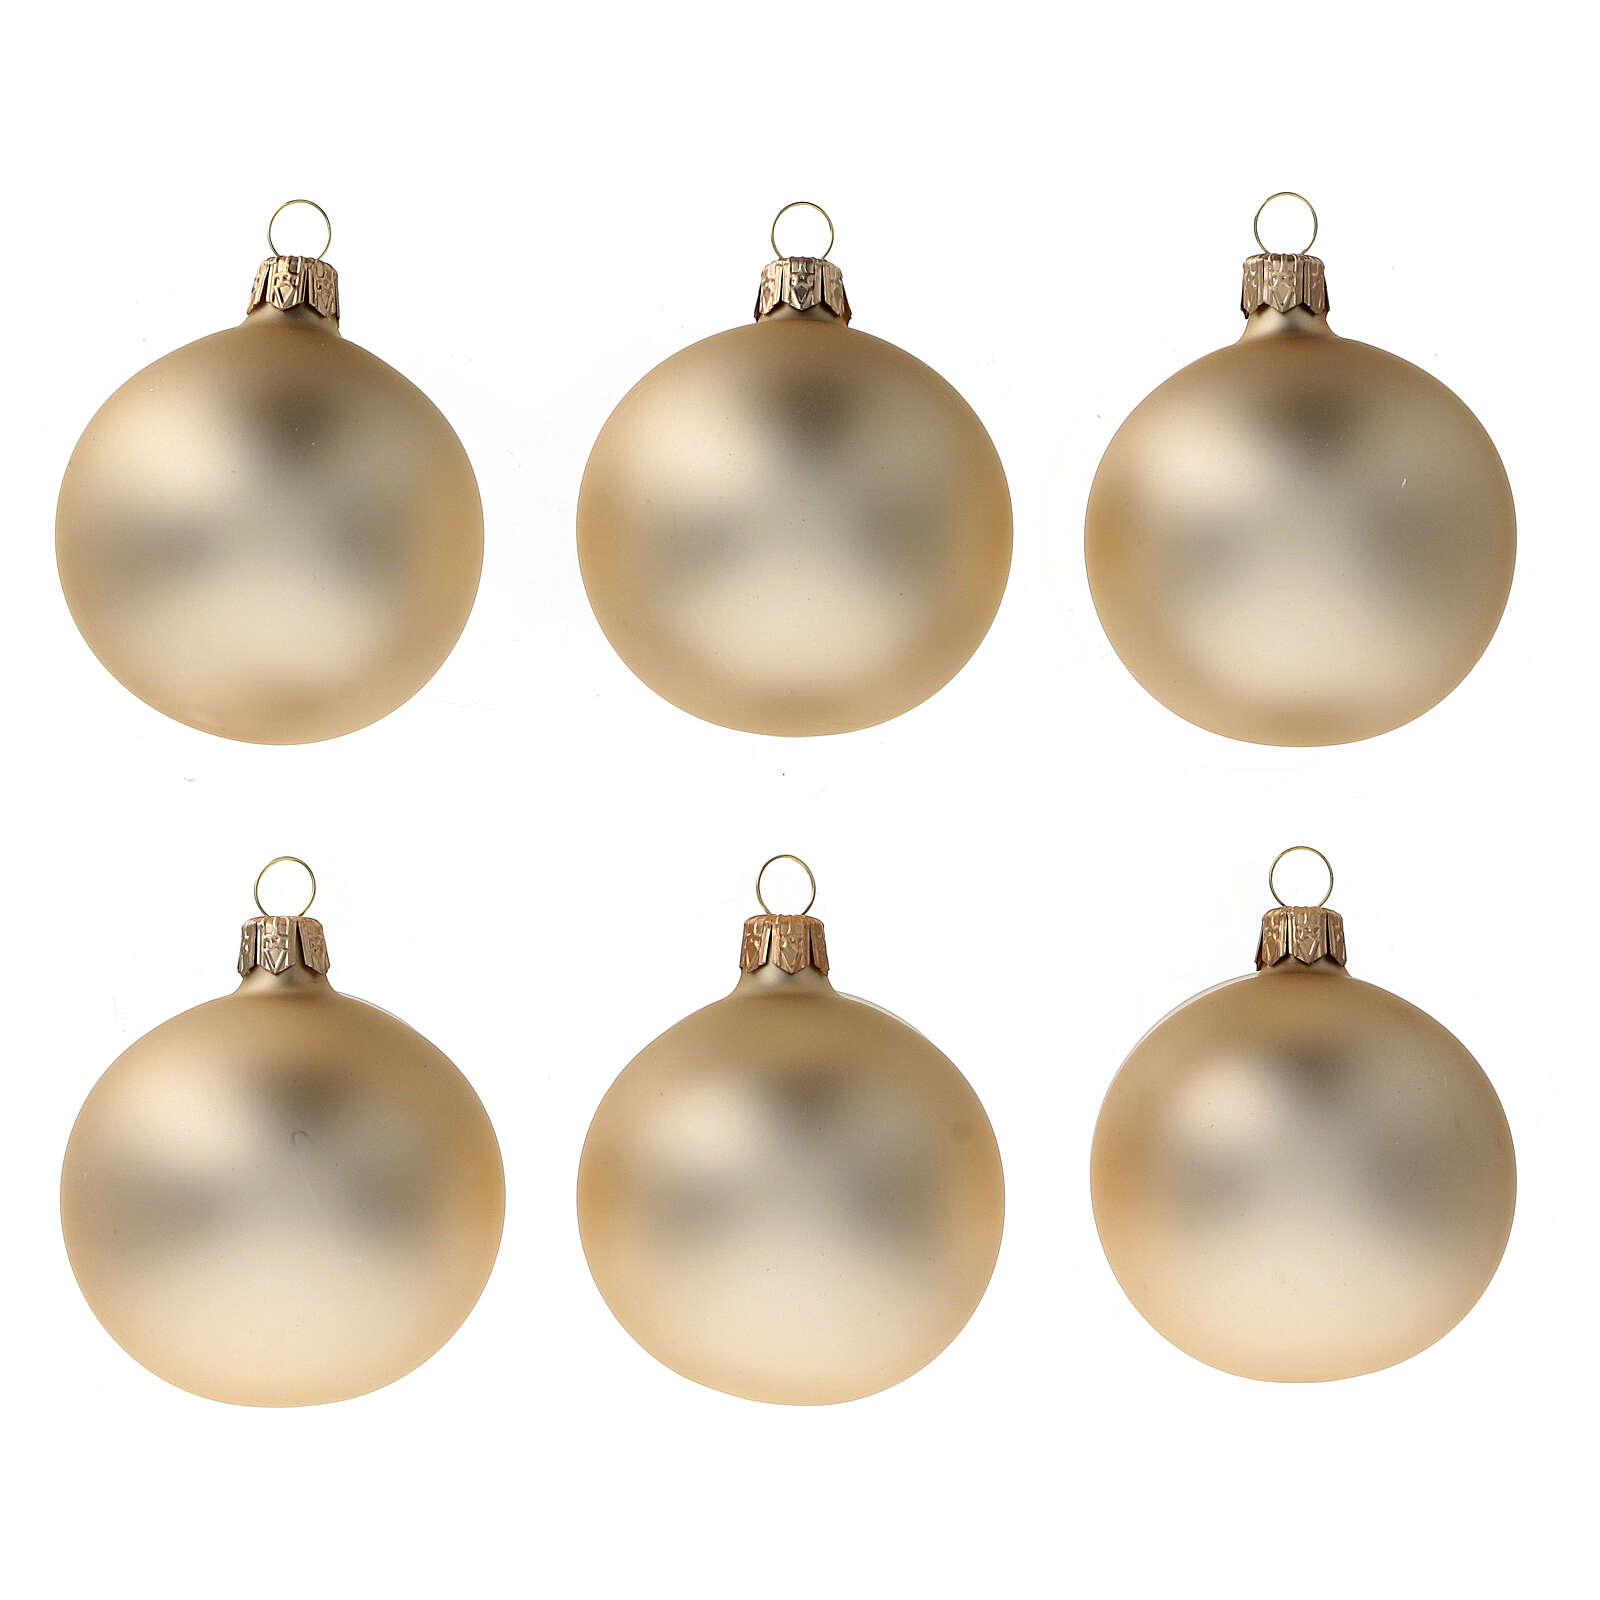 Boule de Noël or pale mat 60 mm verre soufflé 6 pcs 4